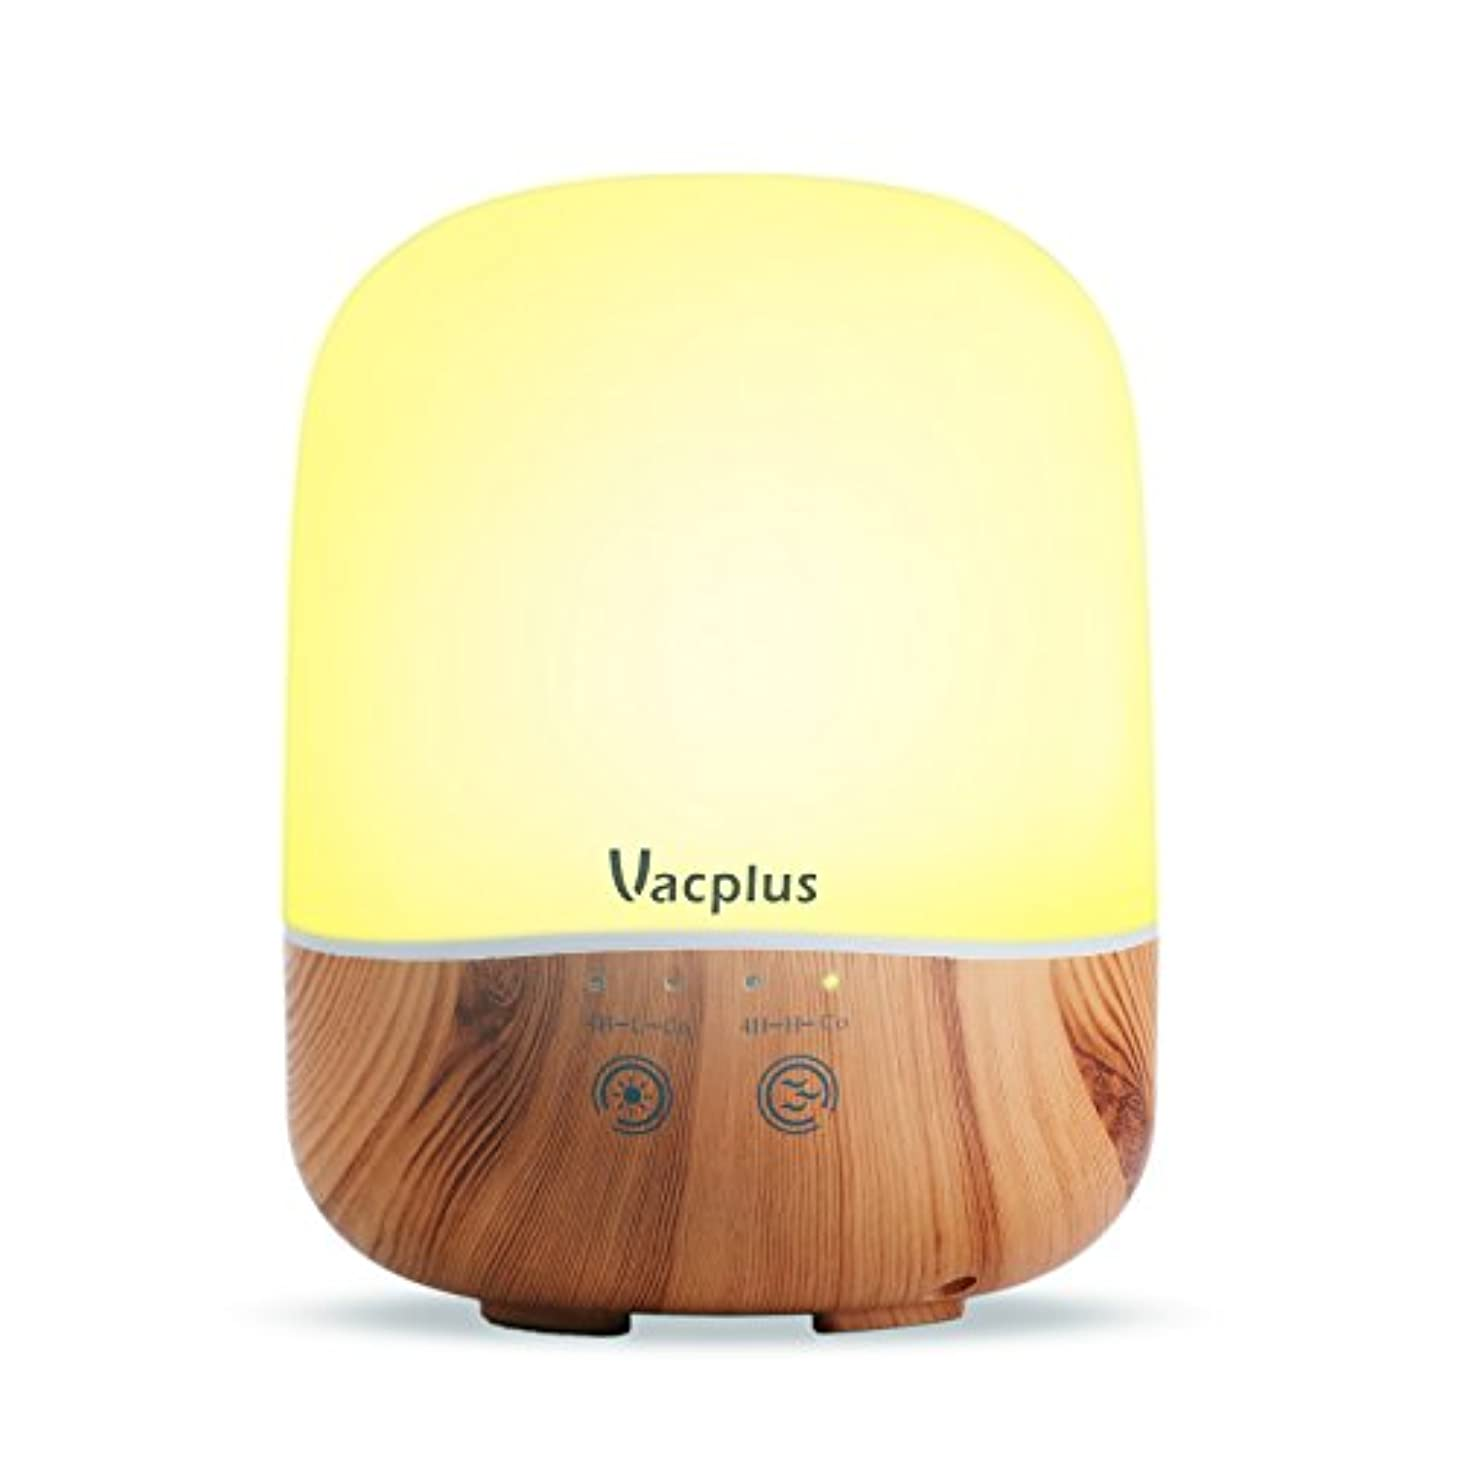 のぞき見タップVacplus アロマディフューザー 加湿器 300ml大容量 超音波式 卓上加湿器 七色変換LEDライト 空焚き防止機能(木目調)